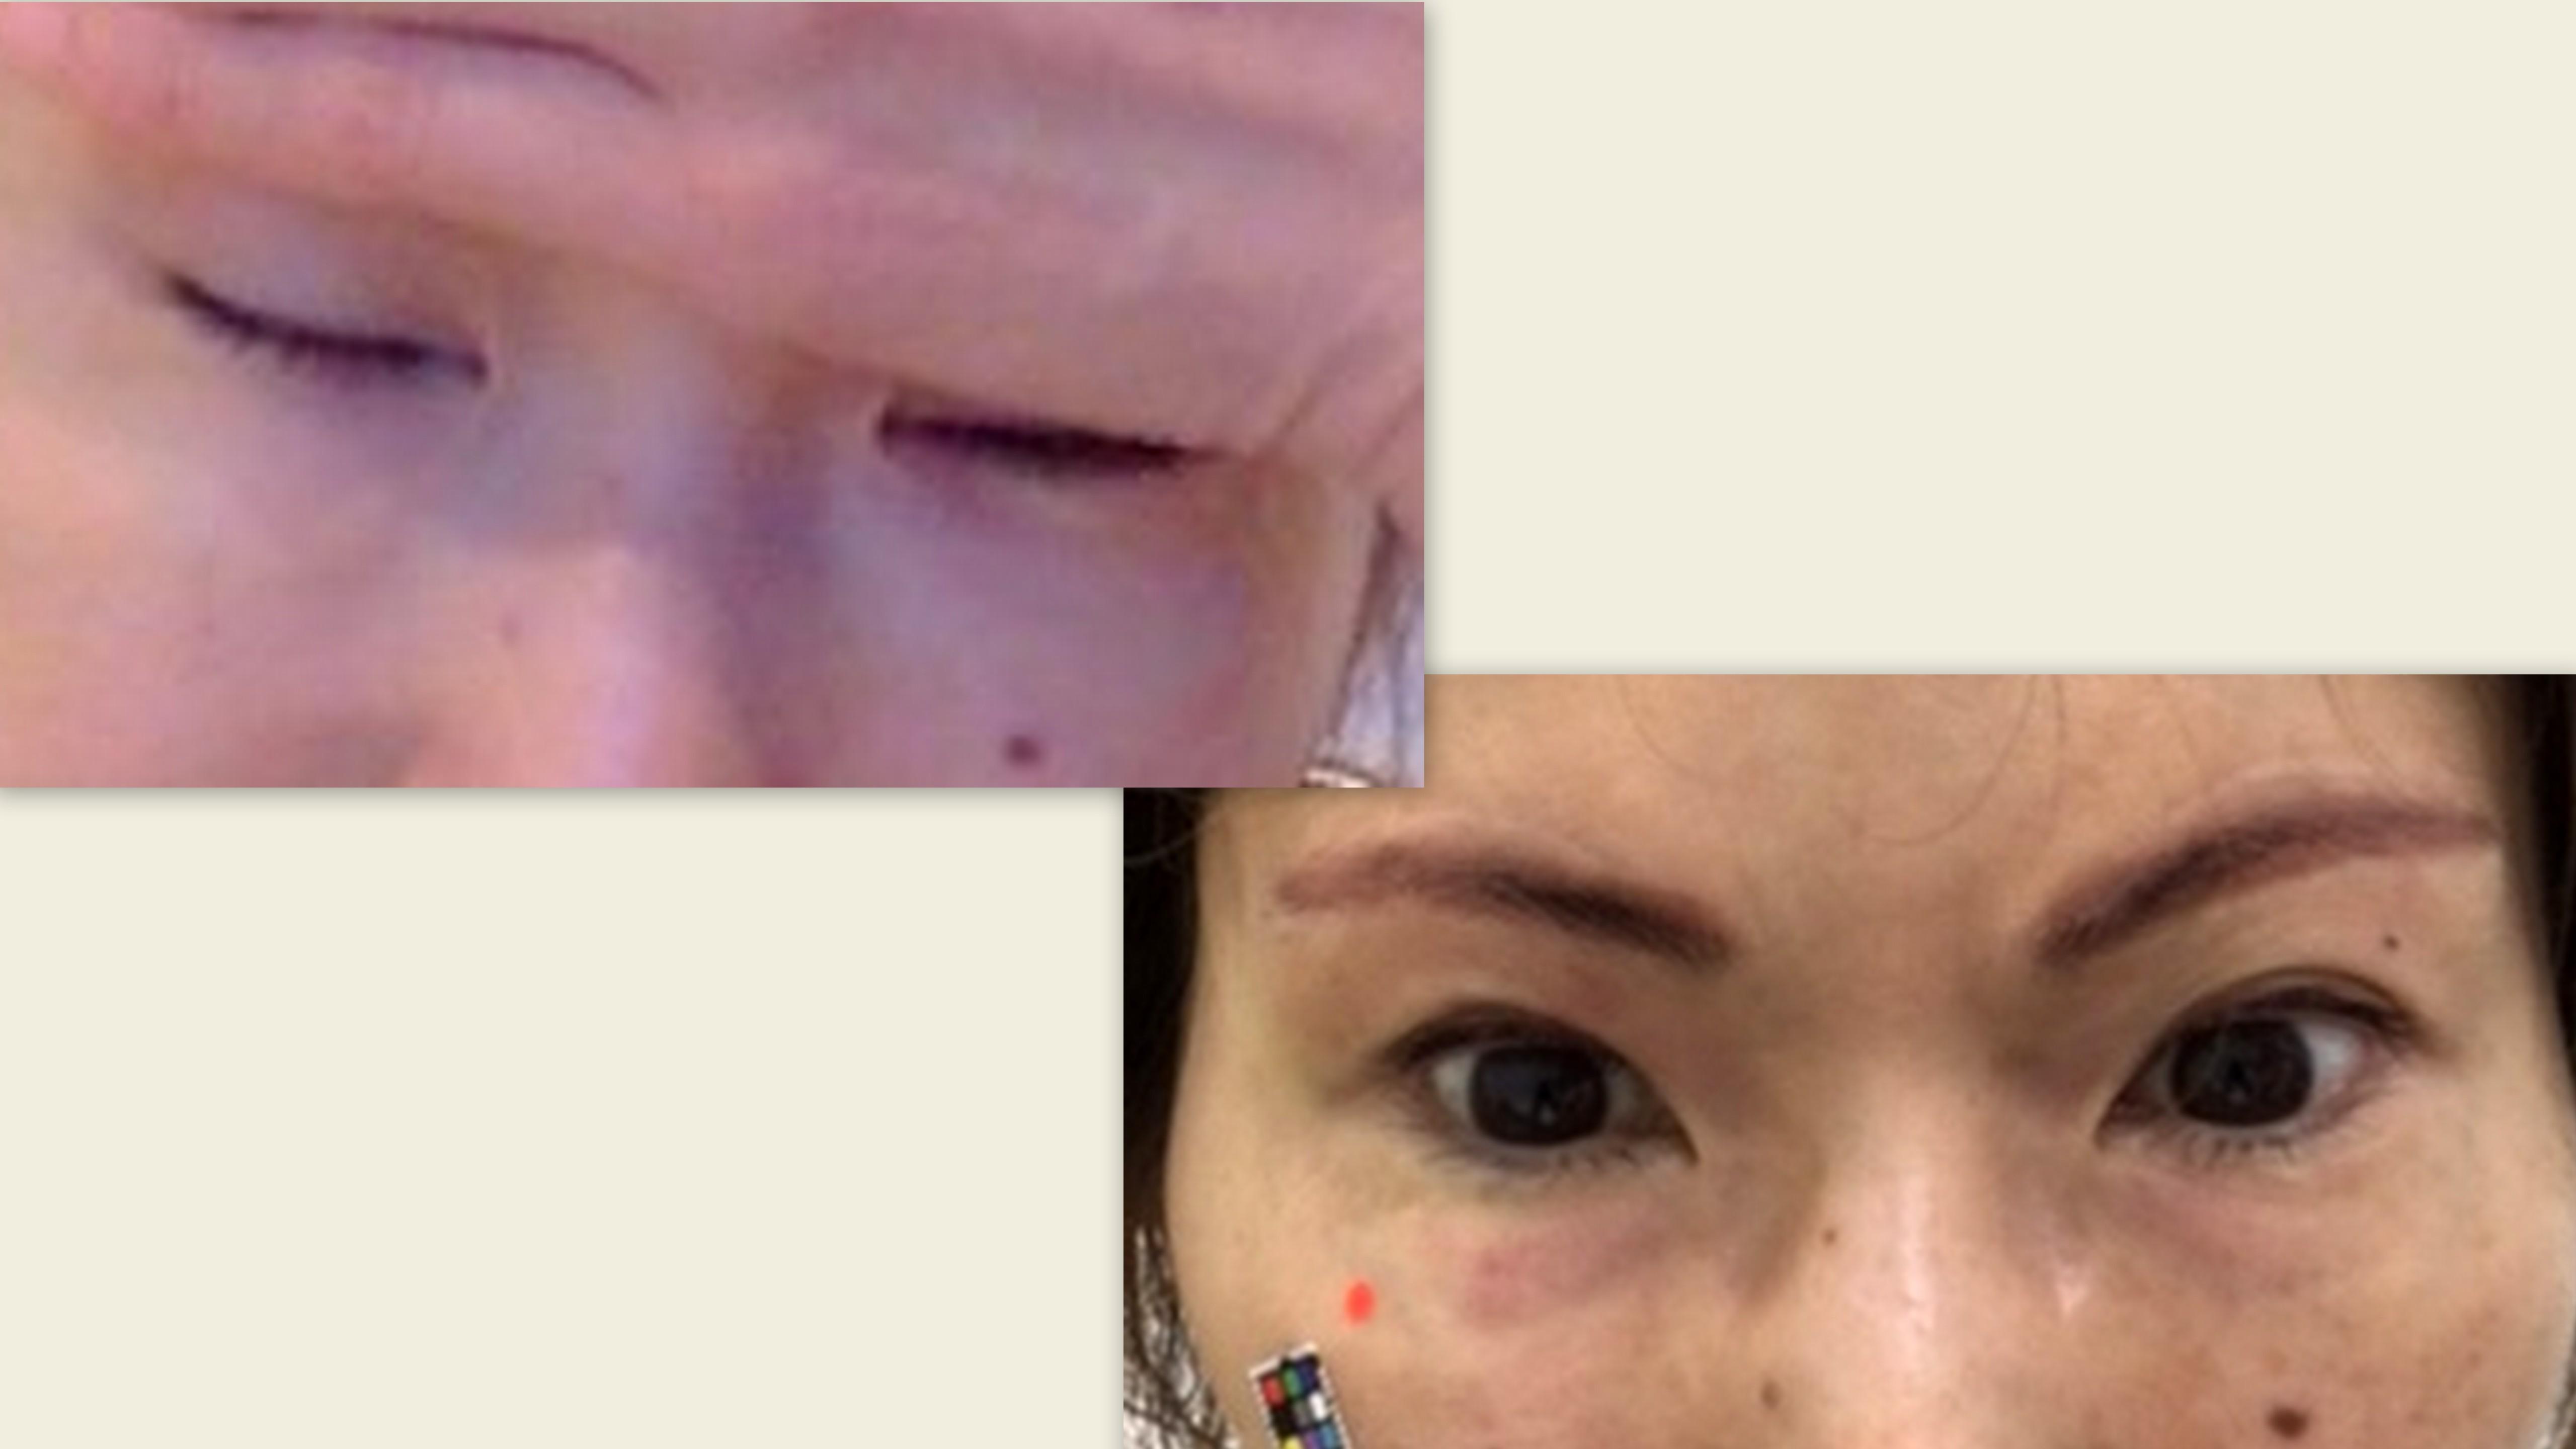 上 病院に行った時の目の状態下 目薬を点けた後の、右目